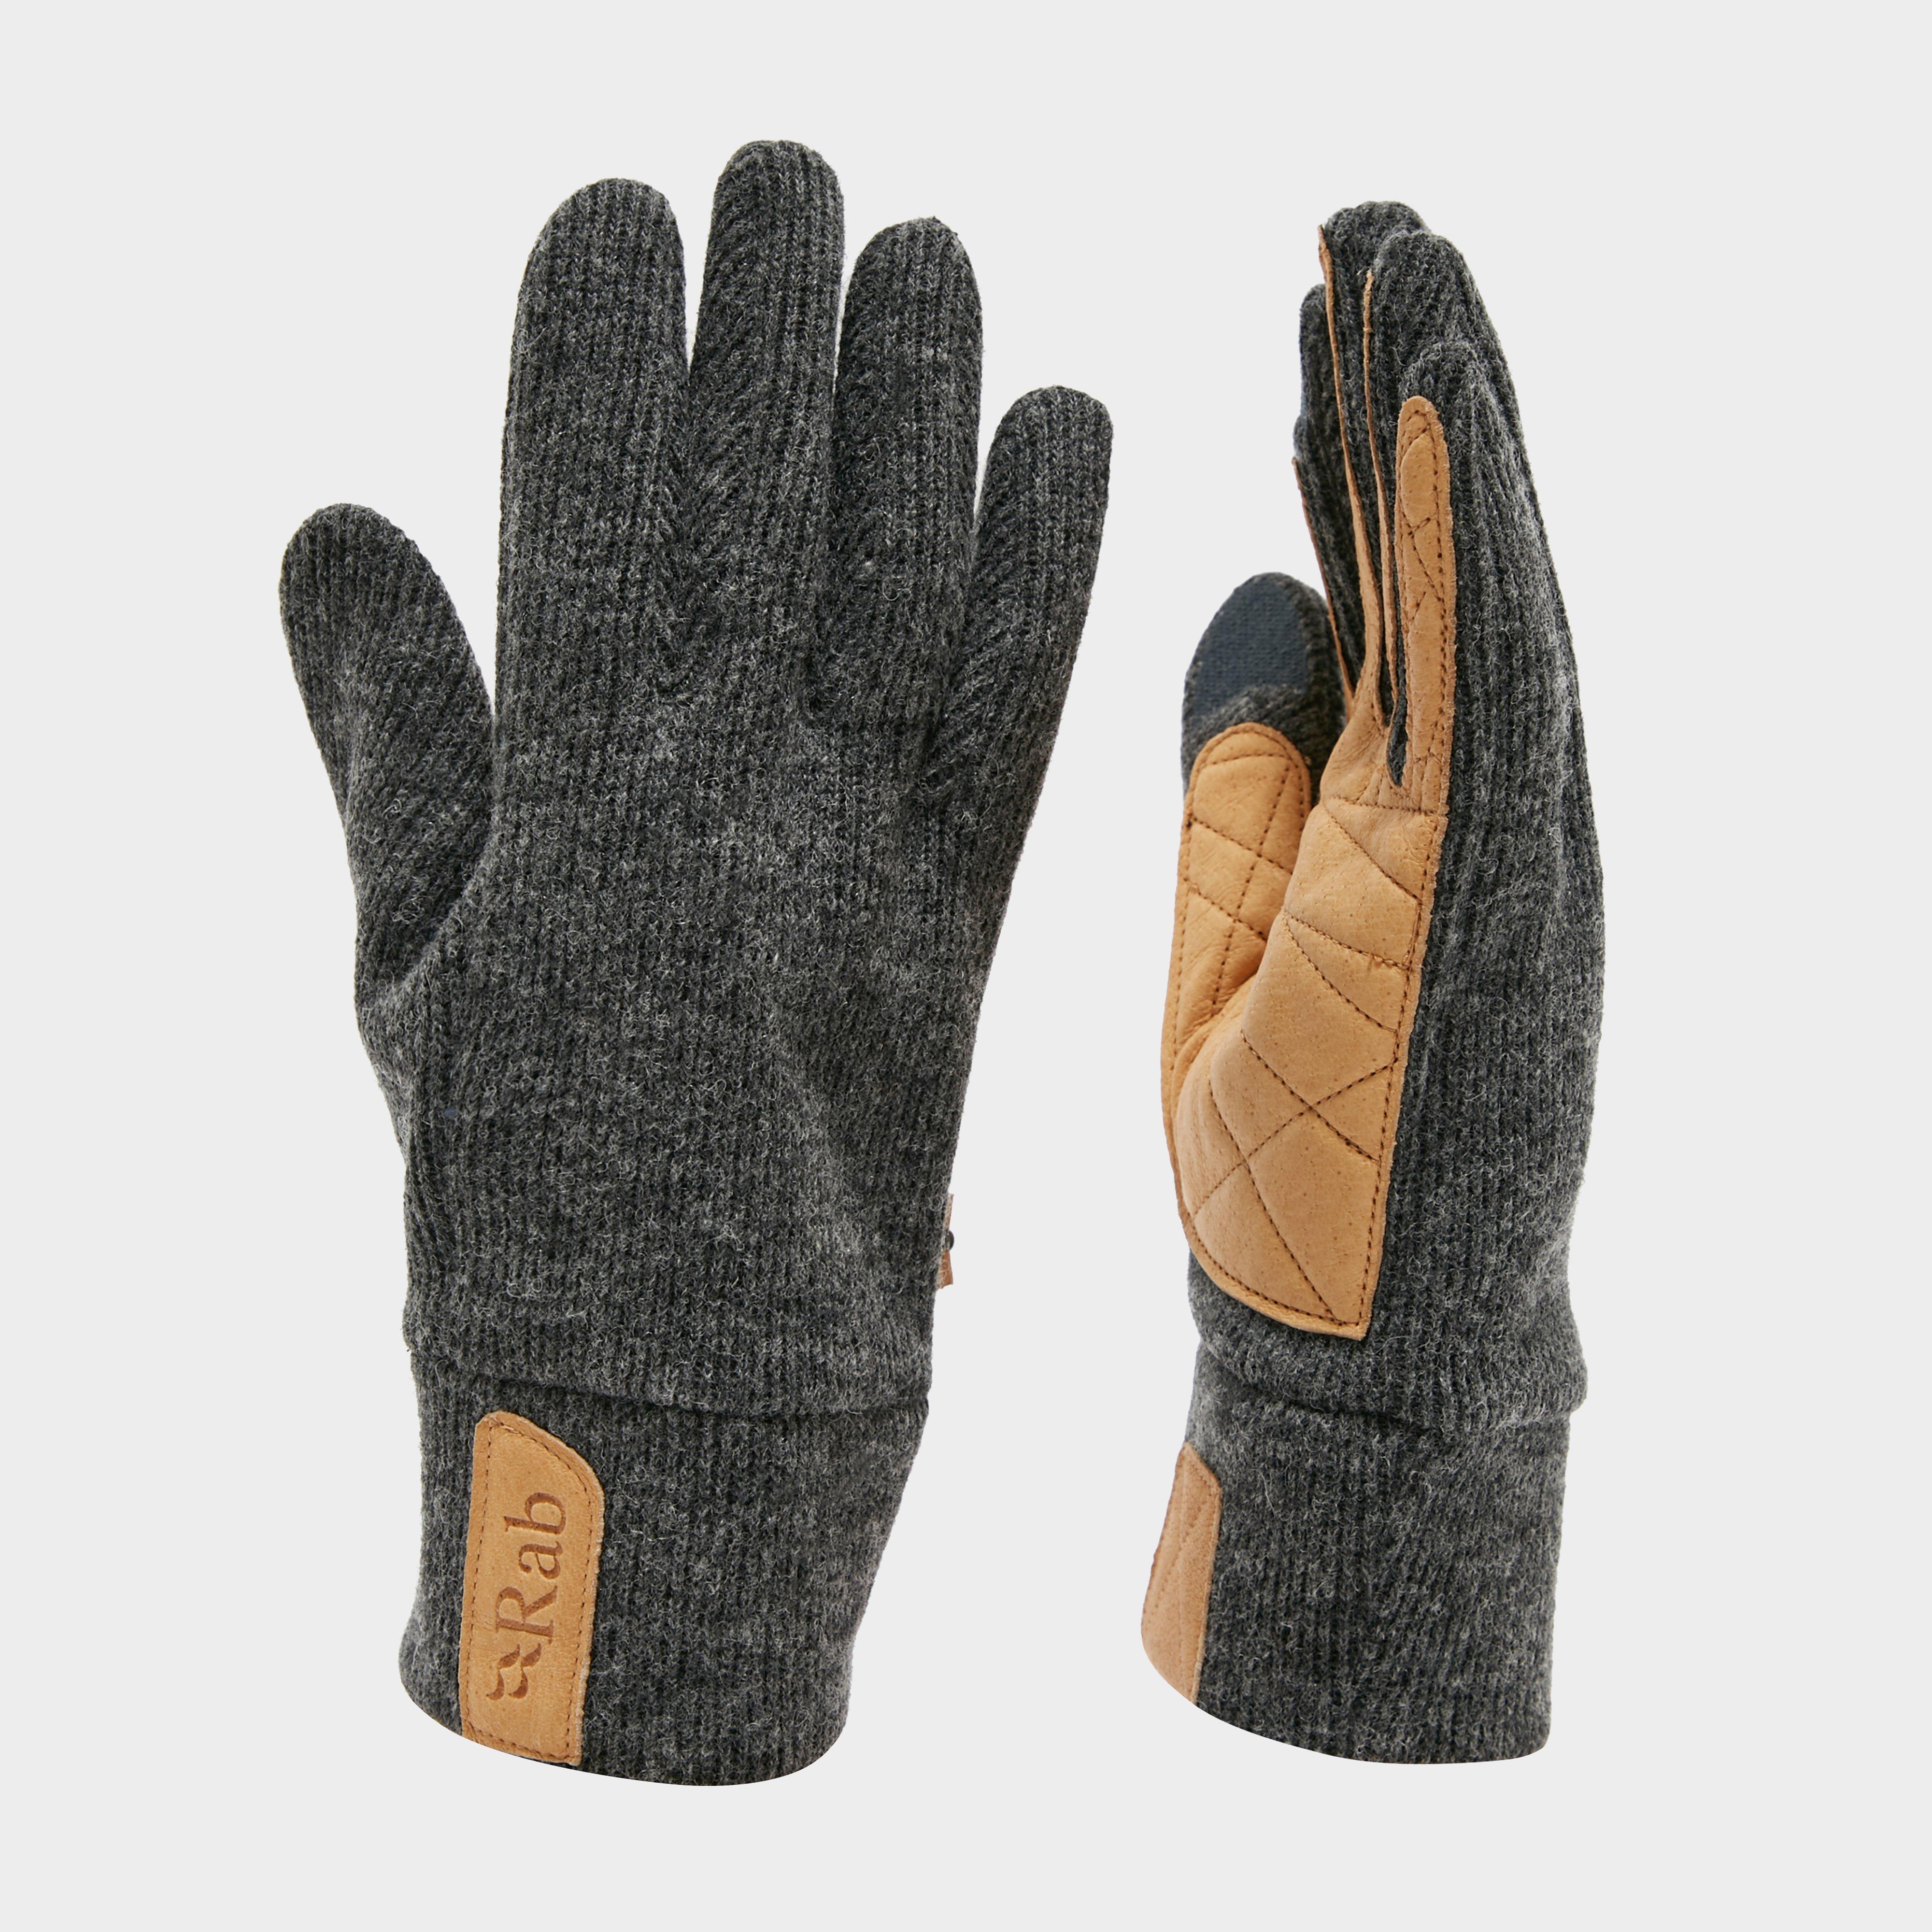 Rab Rab Mens Ridge Gloves